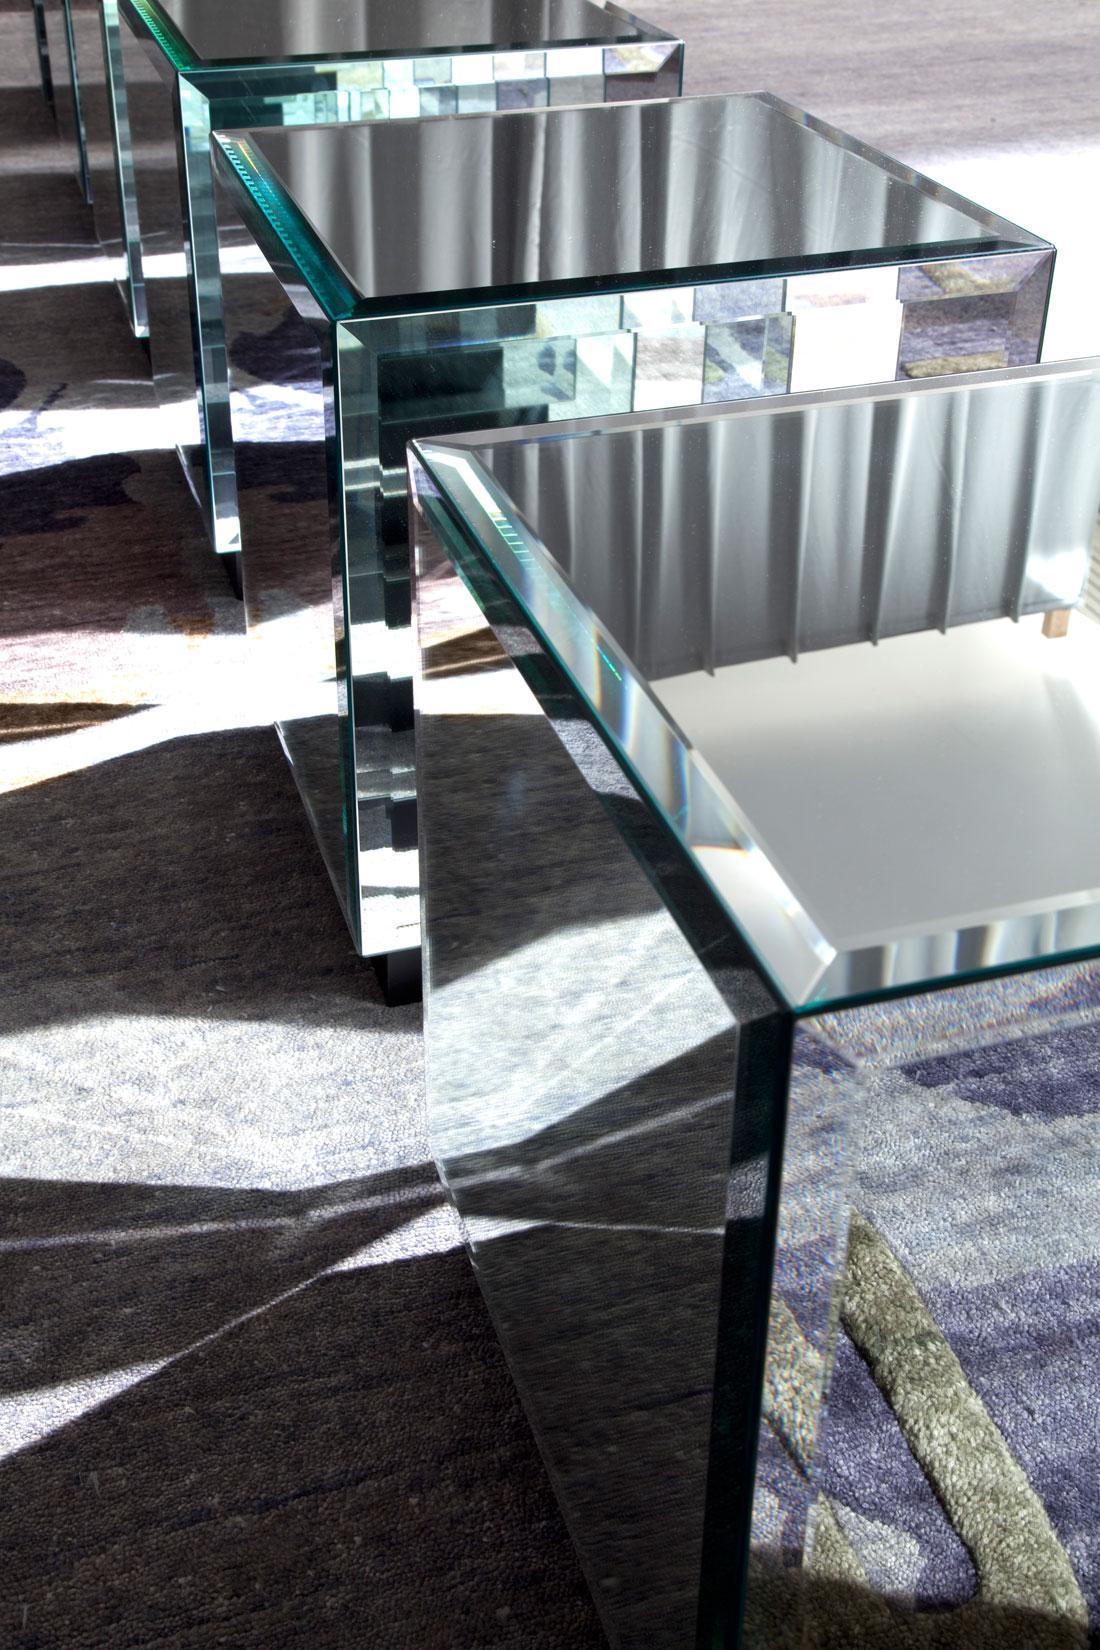 tavolino salotto basso cristallo divano da fumo in vetro nero arredamento casa ufficio on line moderno di lusso 2015 design web made in italy specchio